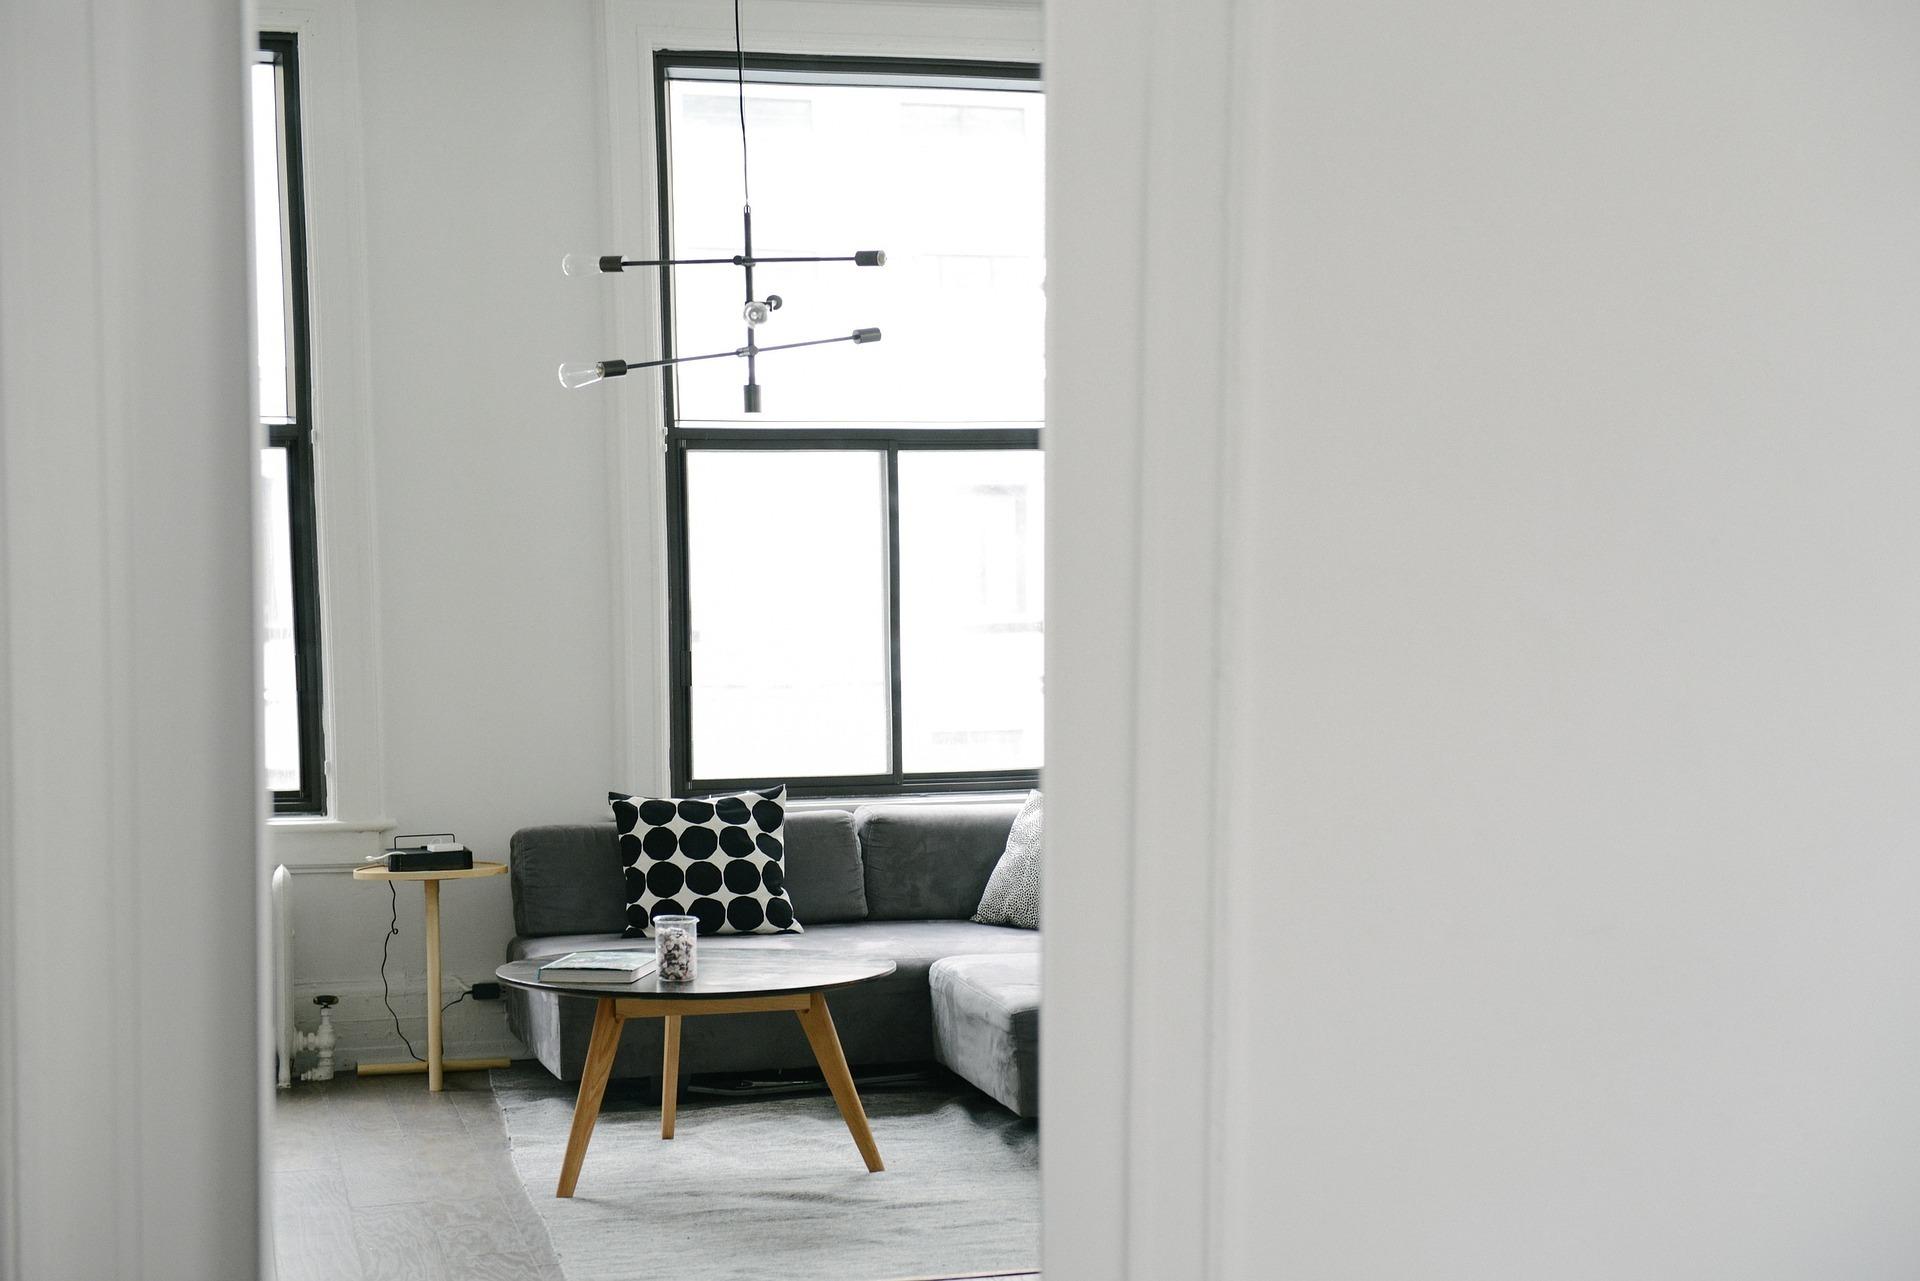 5 tipps mit denen du viel einfacher eine wohnung finden wirst. Black Bedroom Furniture Sets. Home Design Ideas